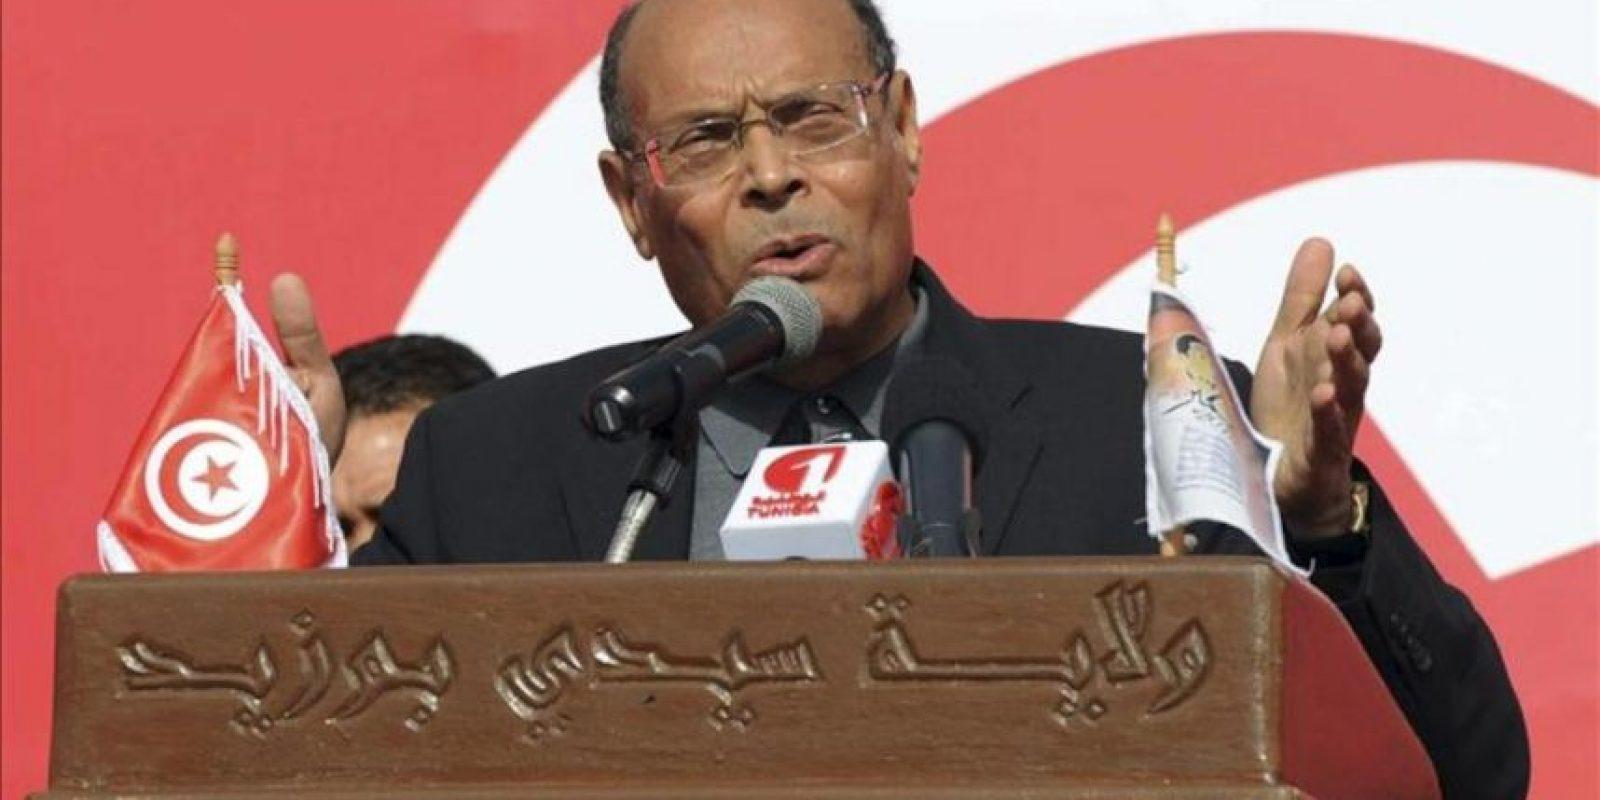 El presidente de Túnez, Monsef Mazuki pronuncia un discurso durante la conmemoración del II aniversario del inicio de la revolución tunecina, en Sidi Buzid, Túnez, hoy, lunes 17 de diciembre de 2012. EFE